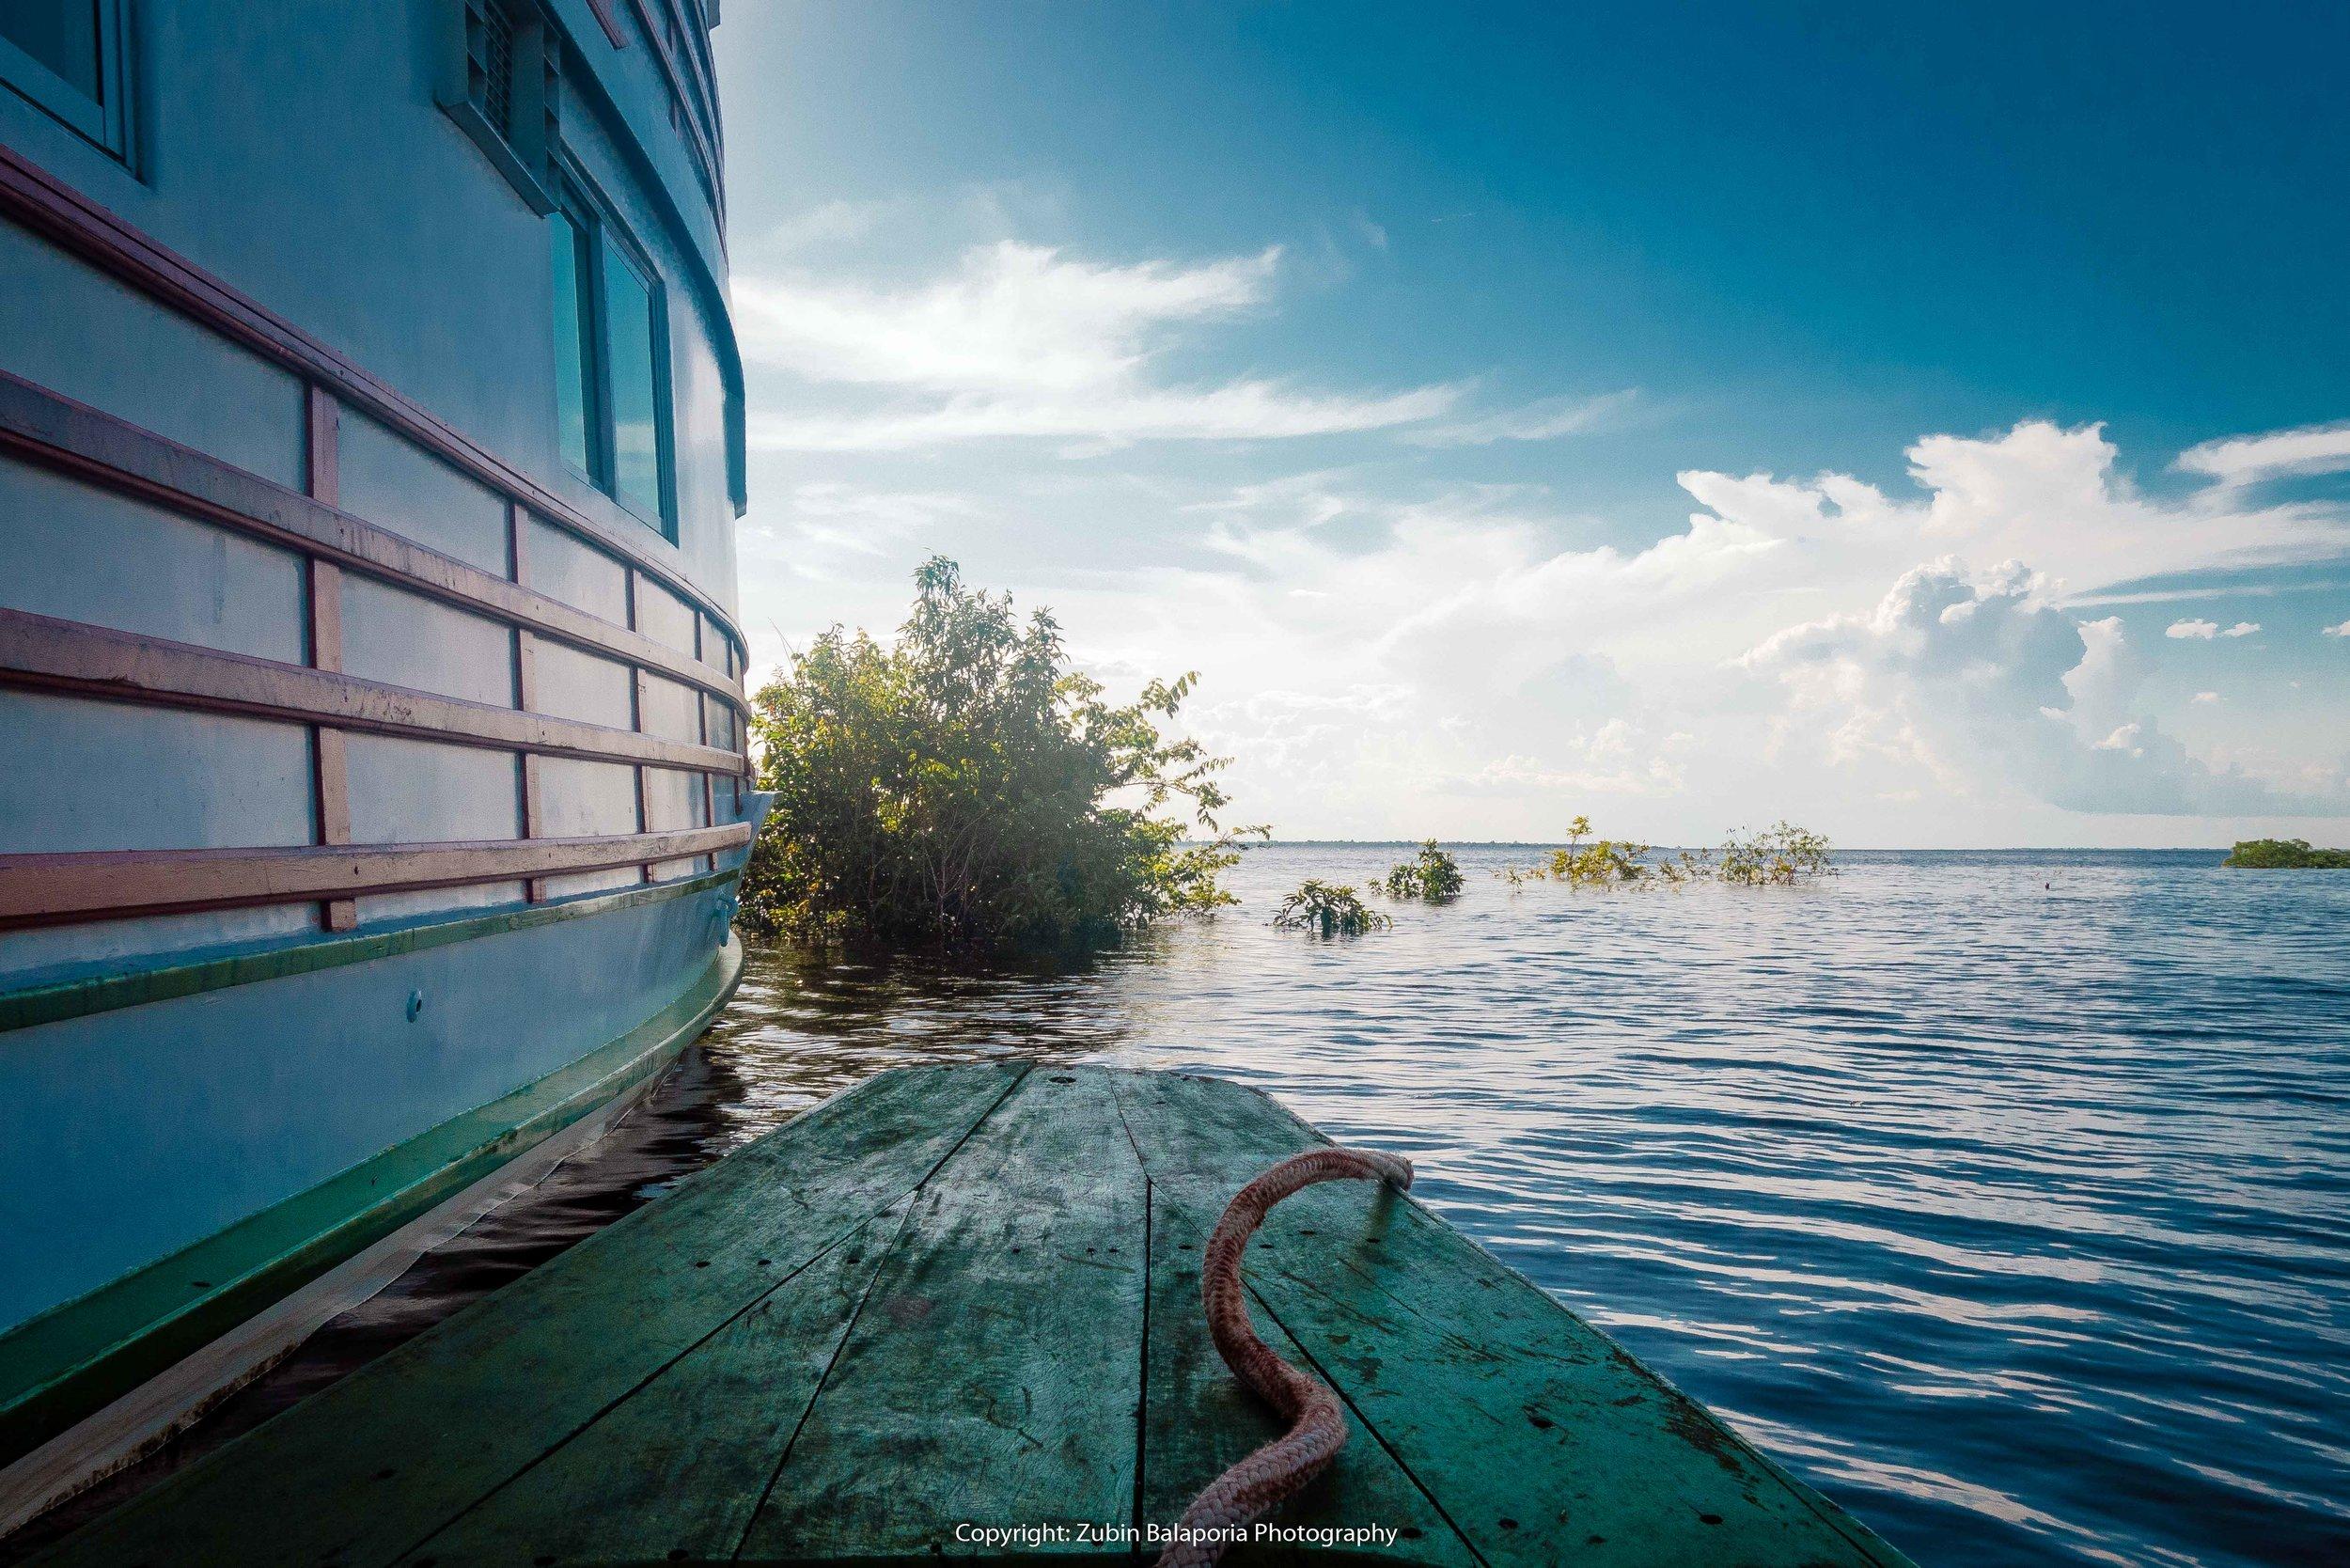 Amazon Boat & Canoe by the Side.jpg